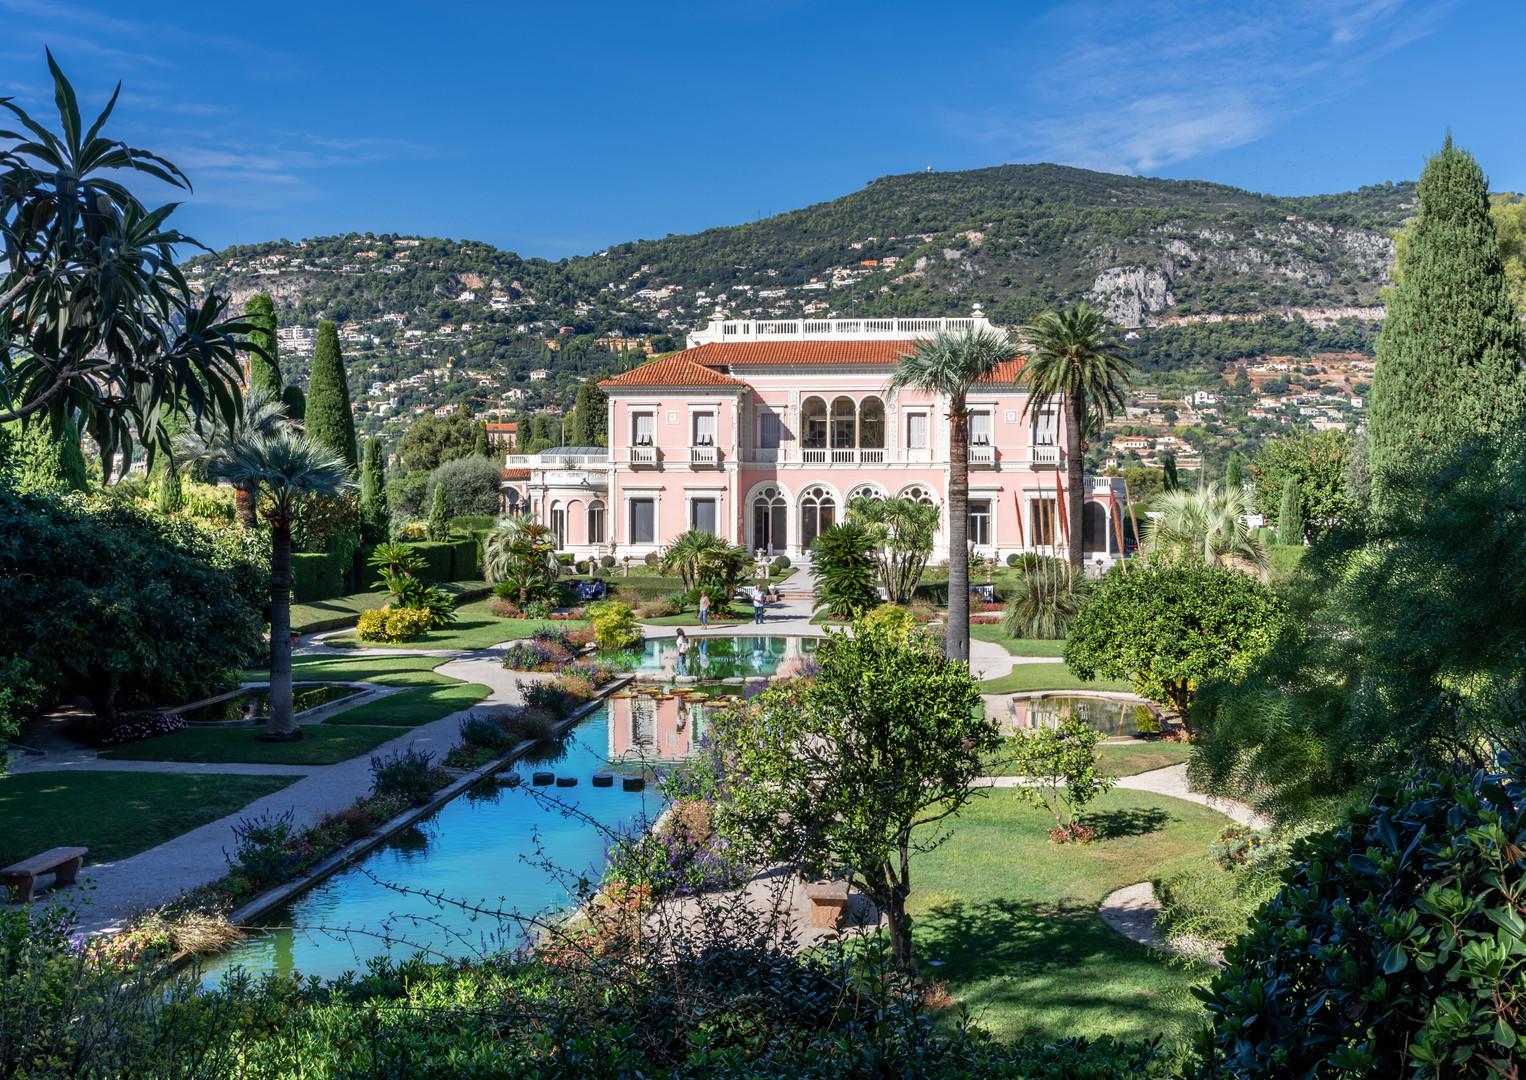 Landscape view of Villa Ephrussi de Roth